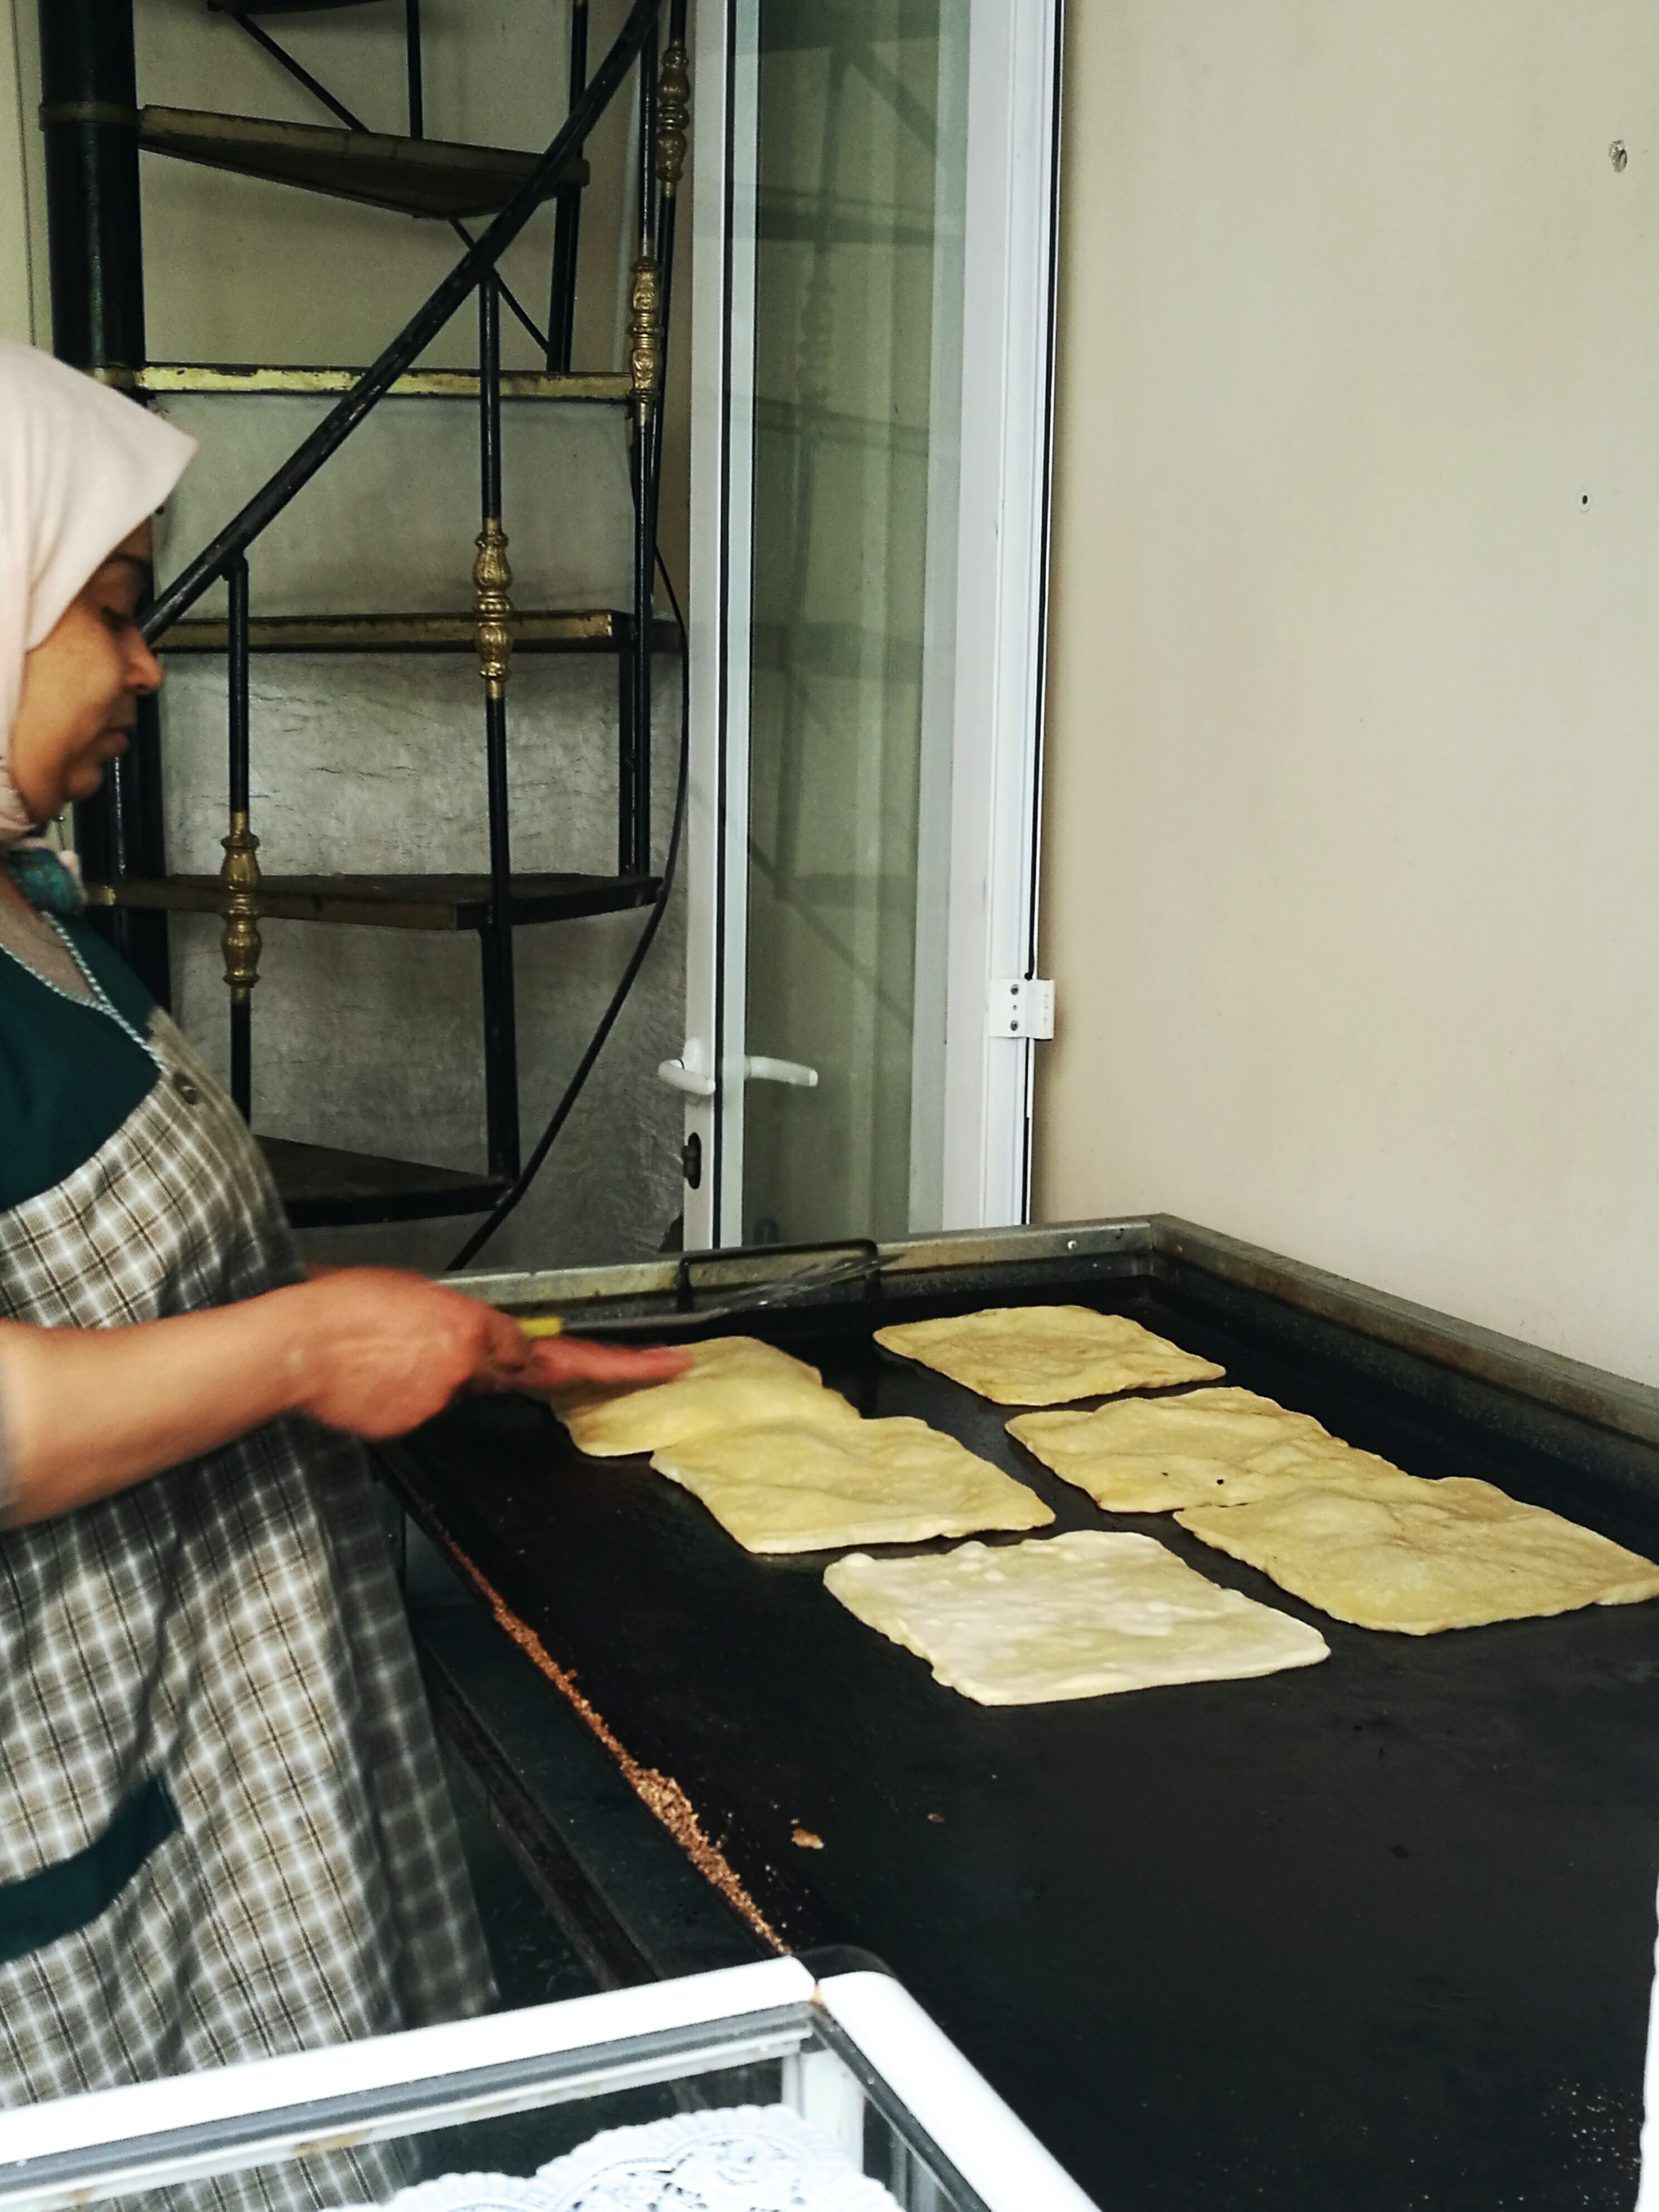 Marokanska pekarnica - Msman (Rghaif)